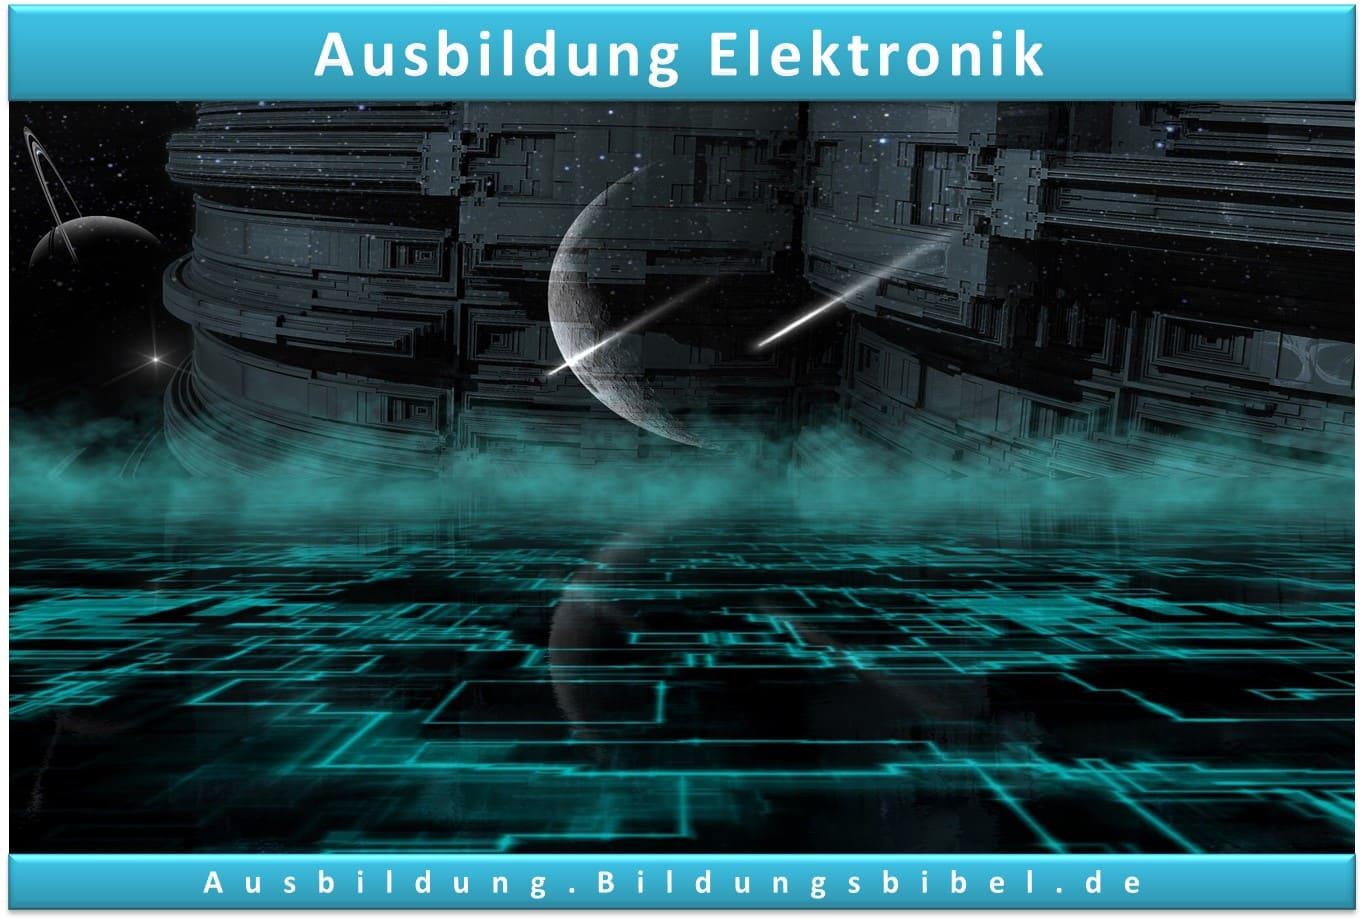 Die Ausbildung in der Elektronik oder zum Elektroniker, Voraussetzungen, Inhalte, Gehalt, Dauer sowie Zukunft zum Ausbildungsberuf